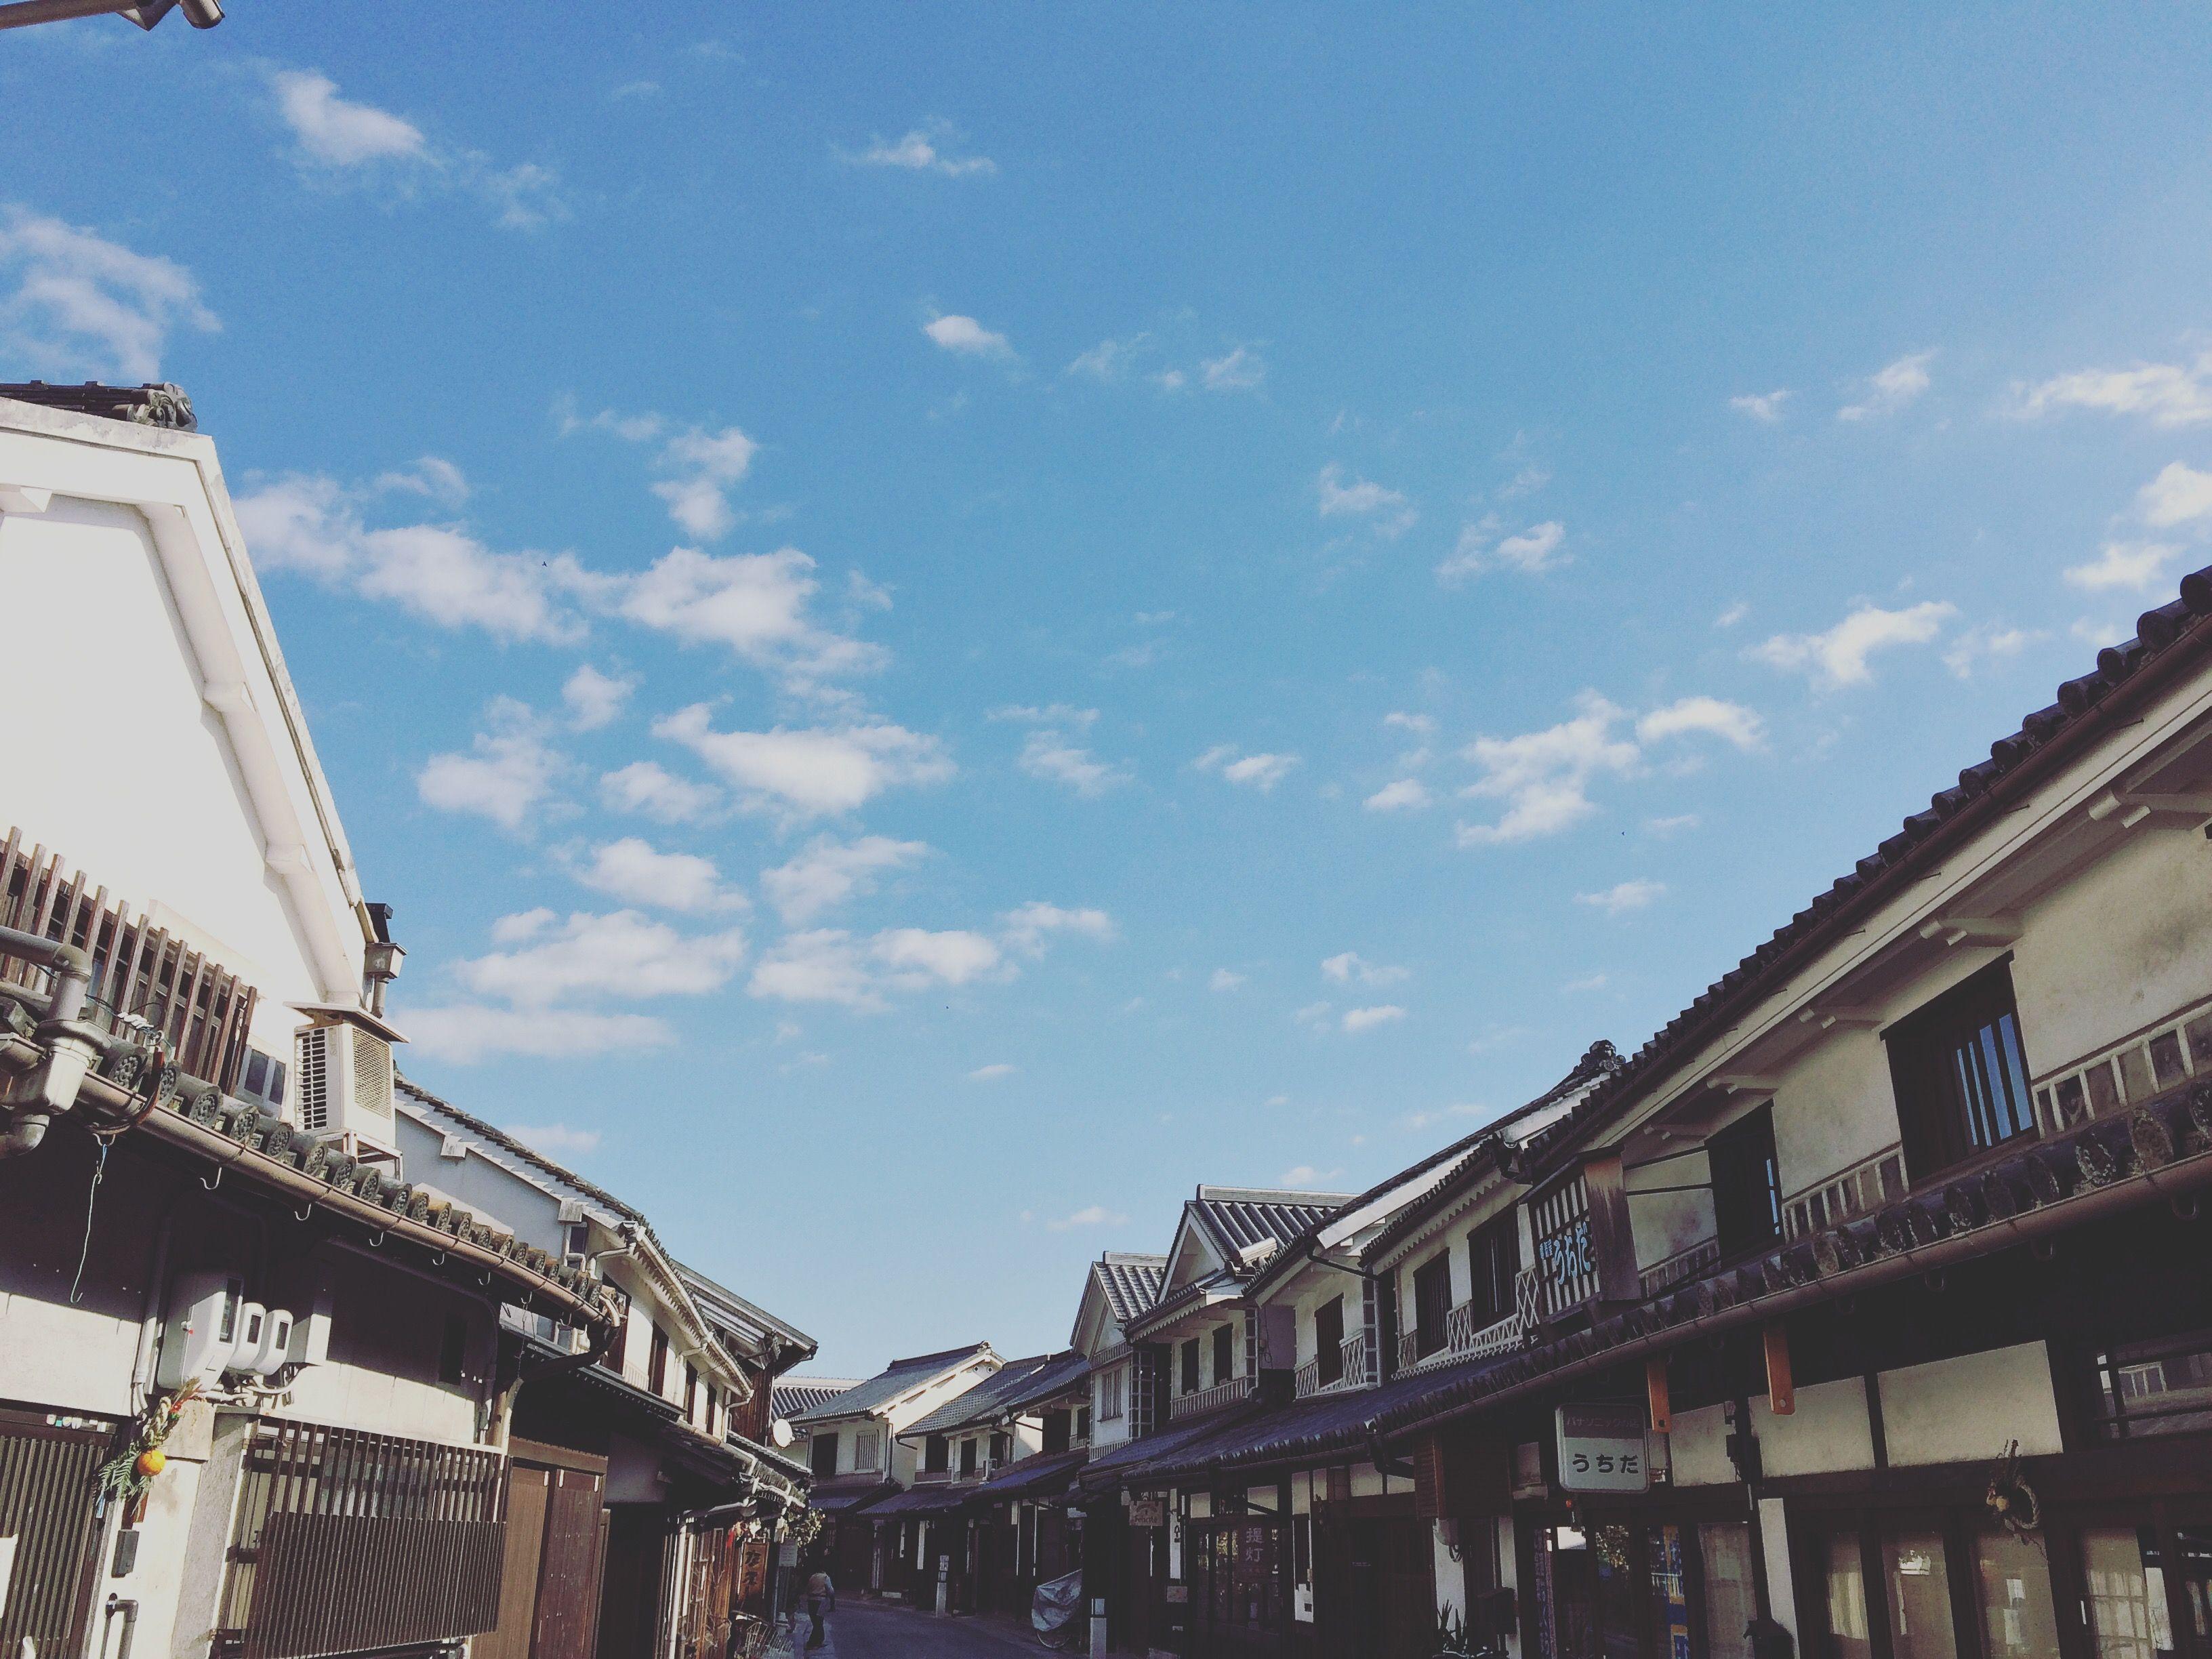 マルゴデリ 倉敷駅のお店。 COFFEE & FRESH JUICE  岡山県倉敷市にある町並み保存地区。 白壁の町・文化の町として有名な倉敷は、江戸時代、天領として栄えた商人の町でもありました。 その中でも美観地区の町並みは、古き情緒を今も色濃く受け継いでいます。 来るたびに新しい発見。 何度でも訪れたくなる魅力的な町、倉敷。  そんな倉敷美観地区への 散歩のおともにオススメのお店が 岡山の玄関口、倉敷駅にあります。  「マルゴデリ 倉敷駅のお店」 岡山生まれの フレッシュジュースとコーヒーがおいしいお店です。 オーダーを受けてから一つ一つ丁寧につくる 果物王国ならではのフレッシュジュース。 焙煎士が豆から厳選してローストしたオリジナルブレンドの、香り高いコーヒー。  種類も豊富で 季節ごとに旬なメニューを展開。  倉敷駅をご利用の際はぜひ お立ち寄りください♩  岡山県倉敷市阿知1丁目1-1サンステーションテラス倉敷2F @maru5delisansutekurashiki http://maru5deli.com